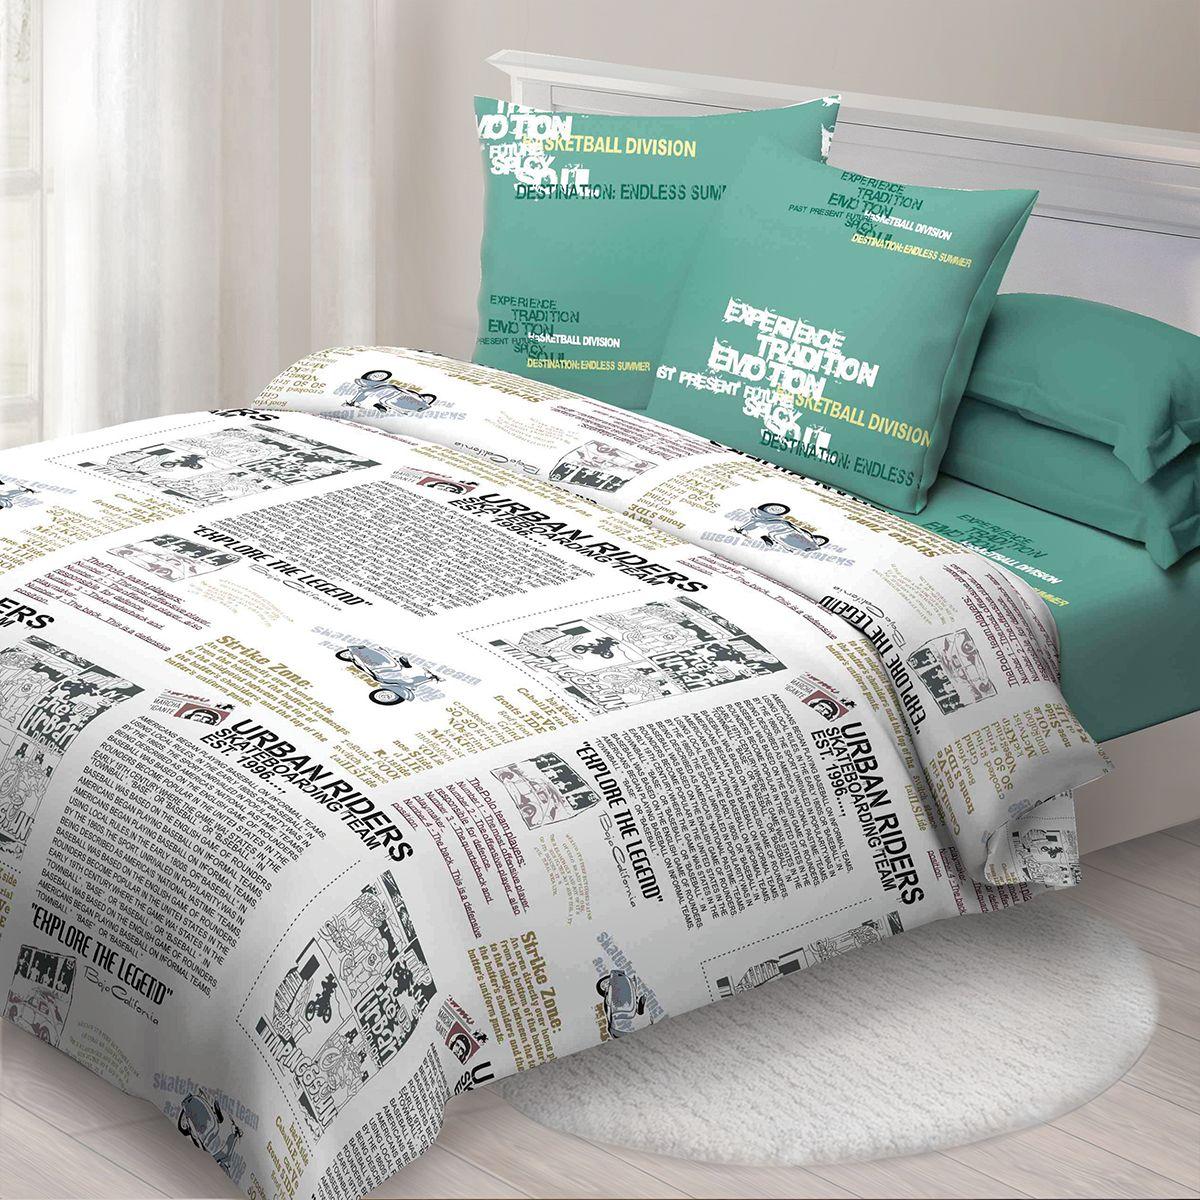 Комплект белья Спал Спалыч Новости, евро, наволочки 70x70, цвет: белый, бирюзовый. 1629-1 комплект постельного белья 1 5 спал спалыч рис 4084 1 карамель